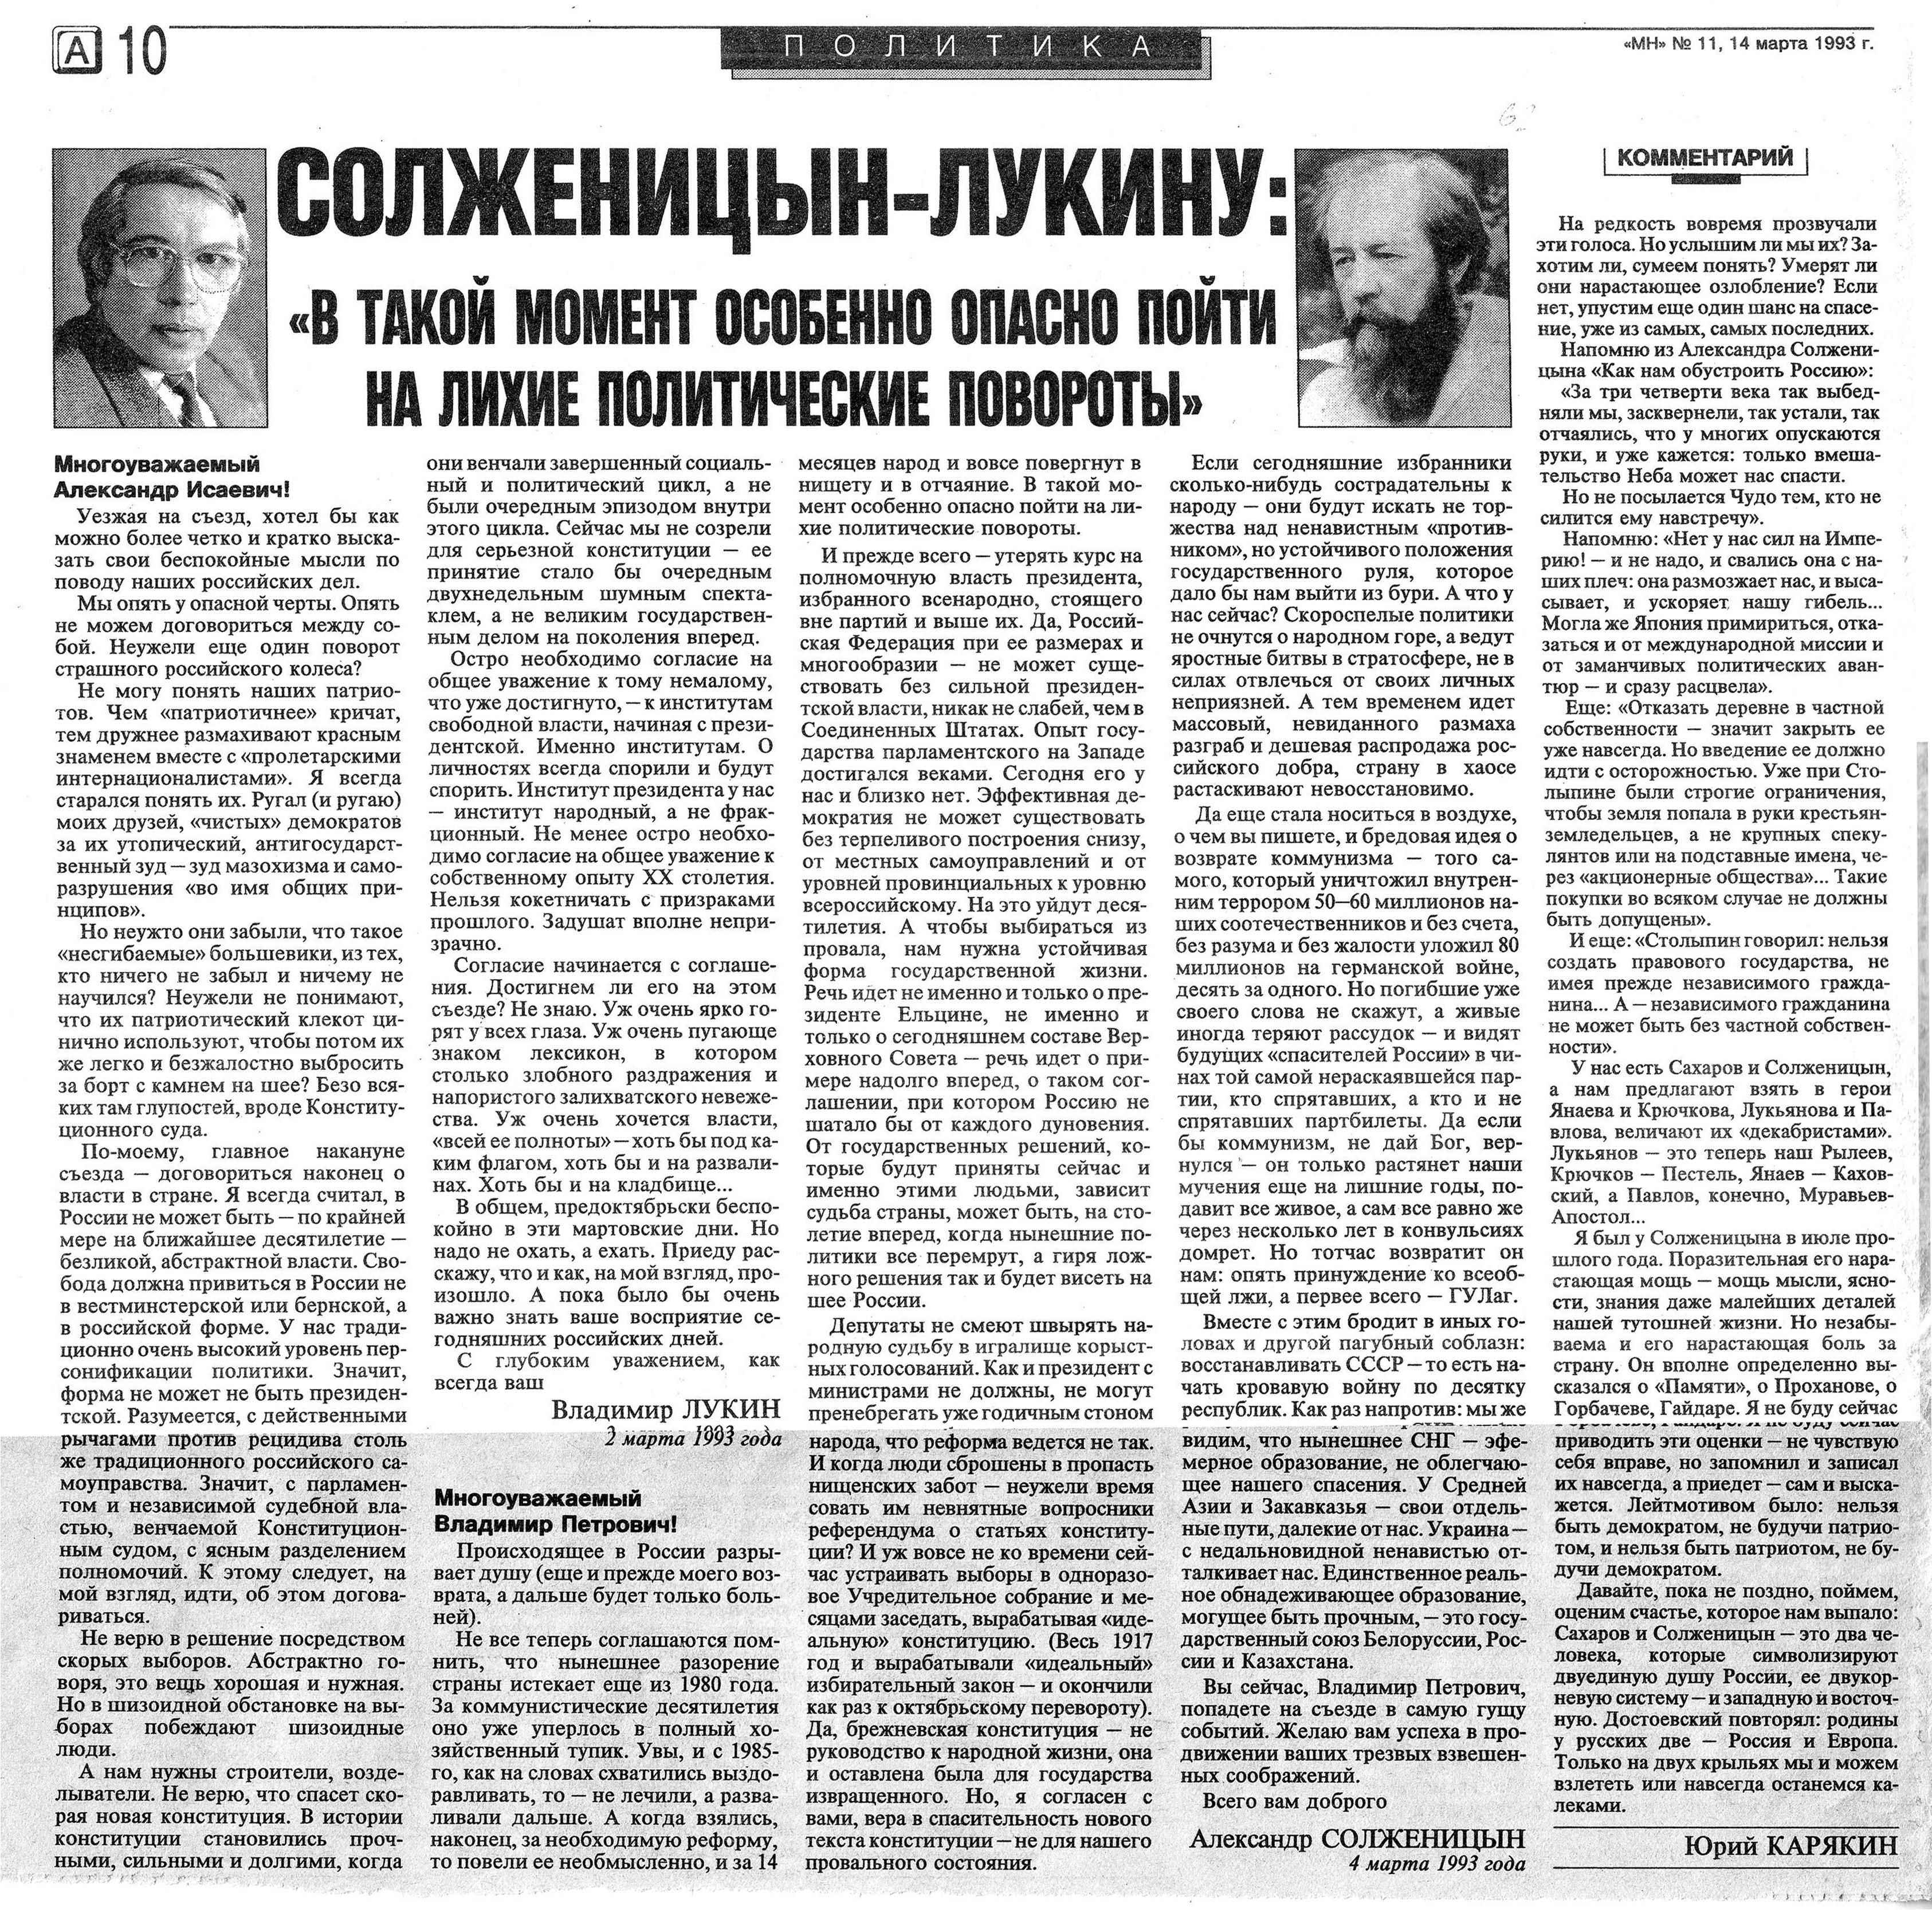 Открытая переписка Лукина В. и Солженицына А.И.  в газете «Московские новости» №11 от 14.03.1993 г.